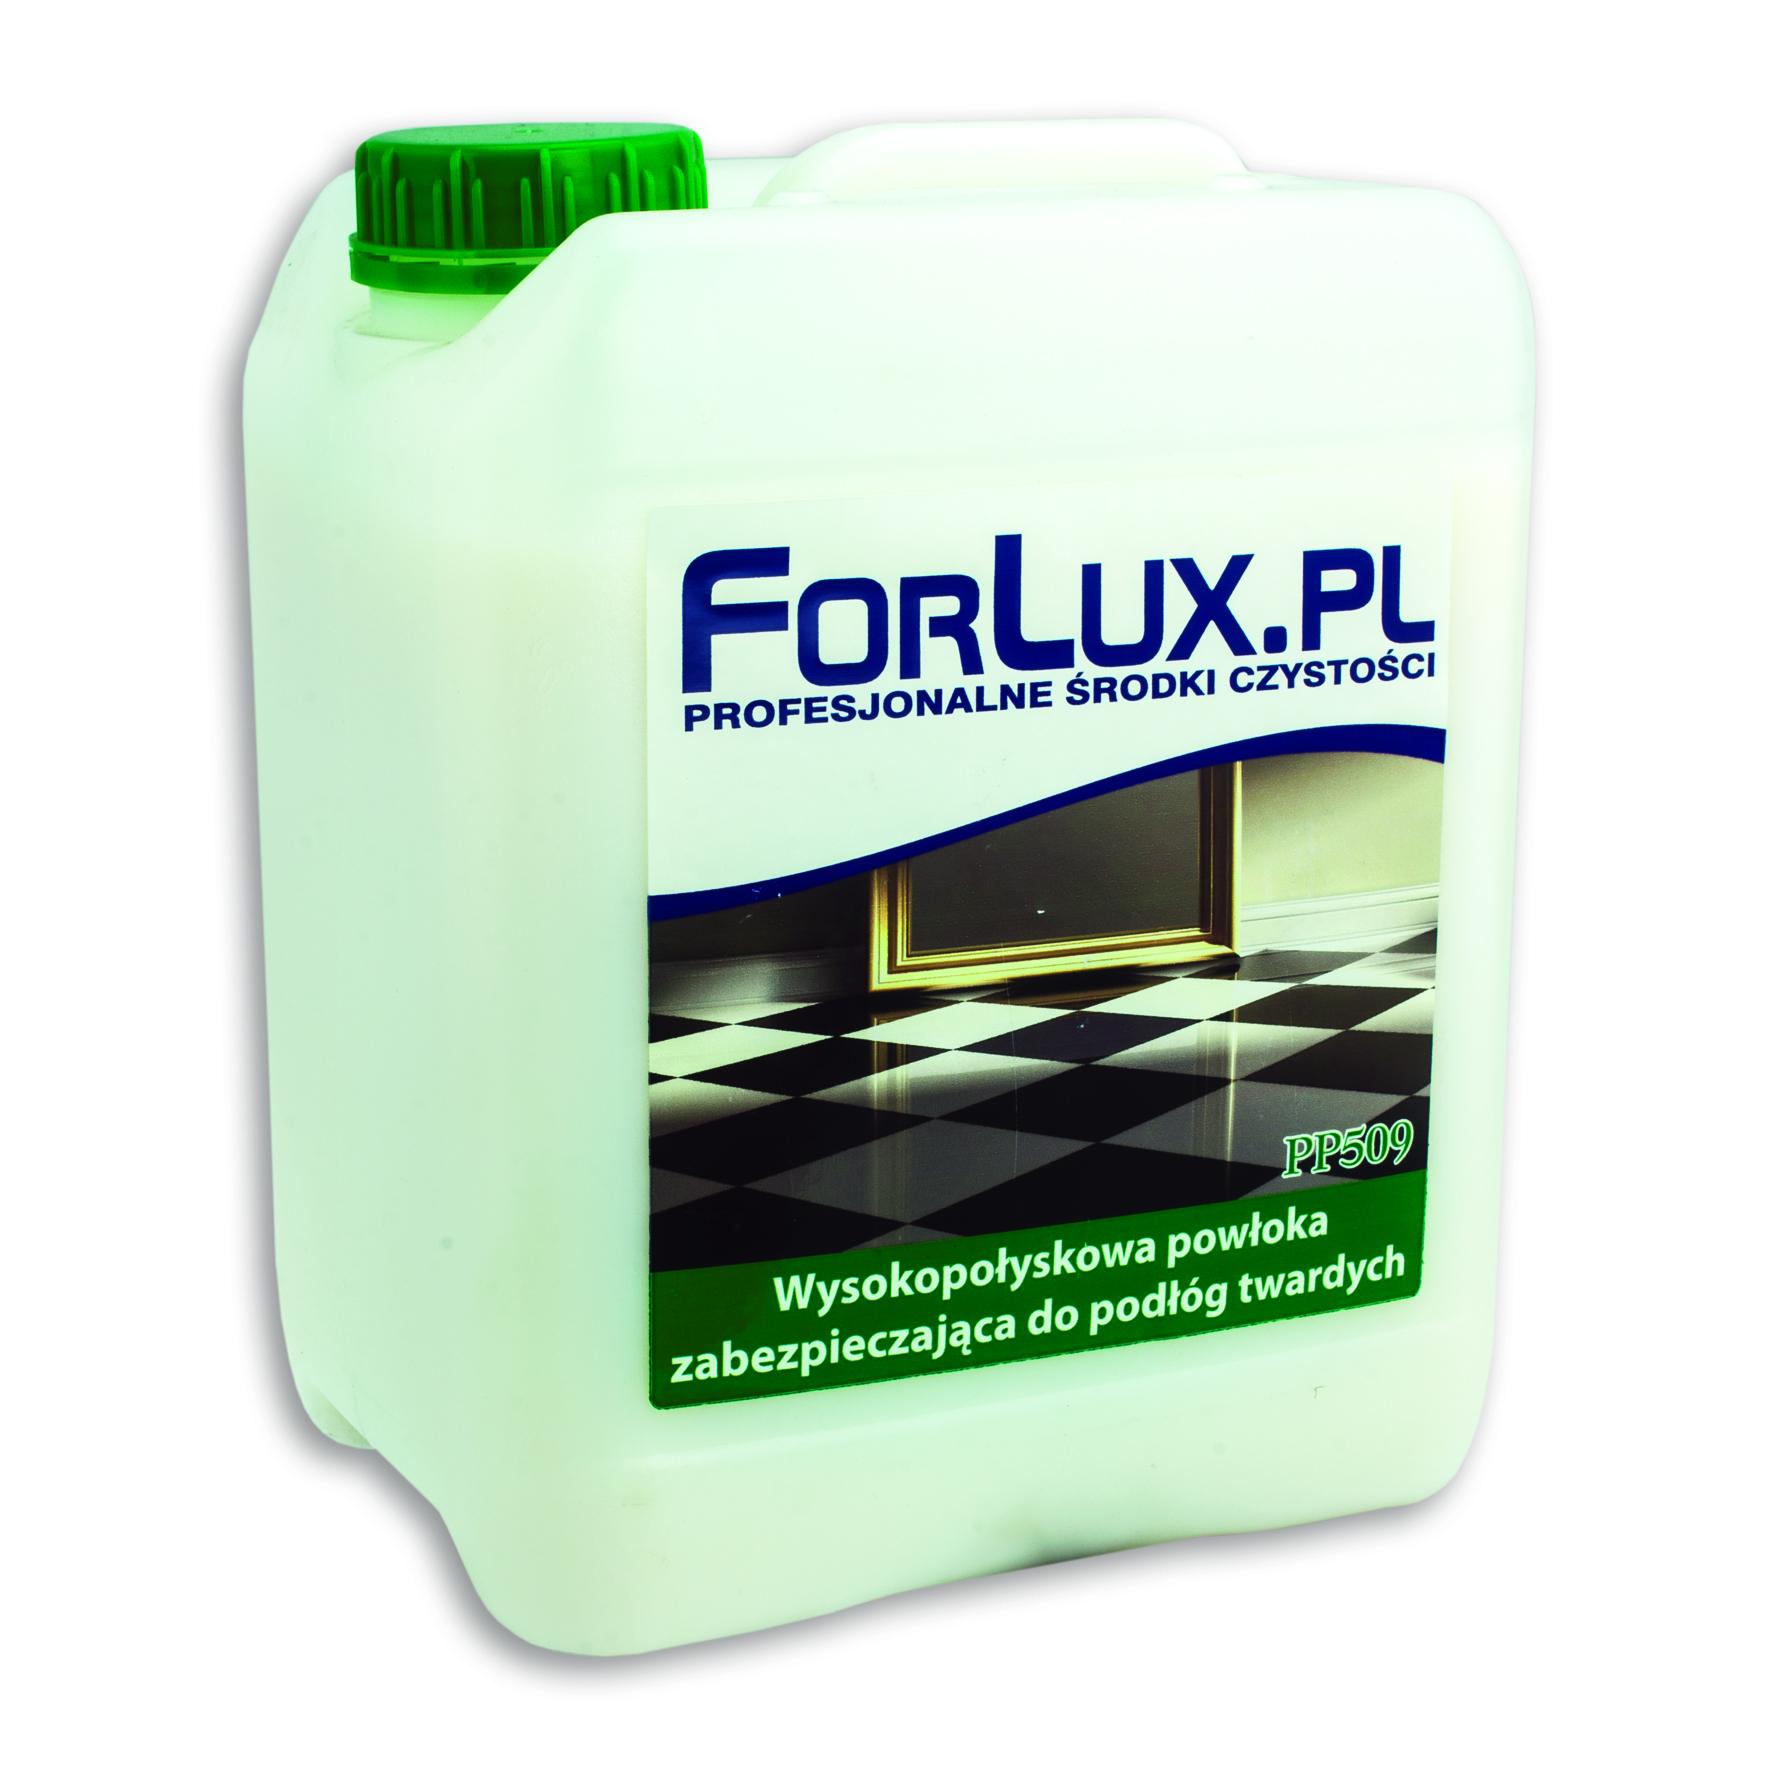 FOLRUX PP 09 Powłoka wysoko połyskowa zabezpieczająca do podłóg twardych